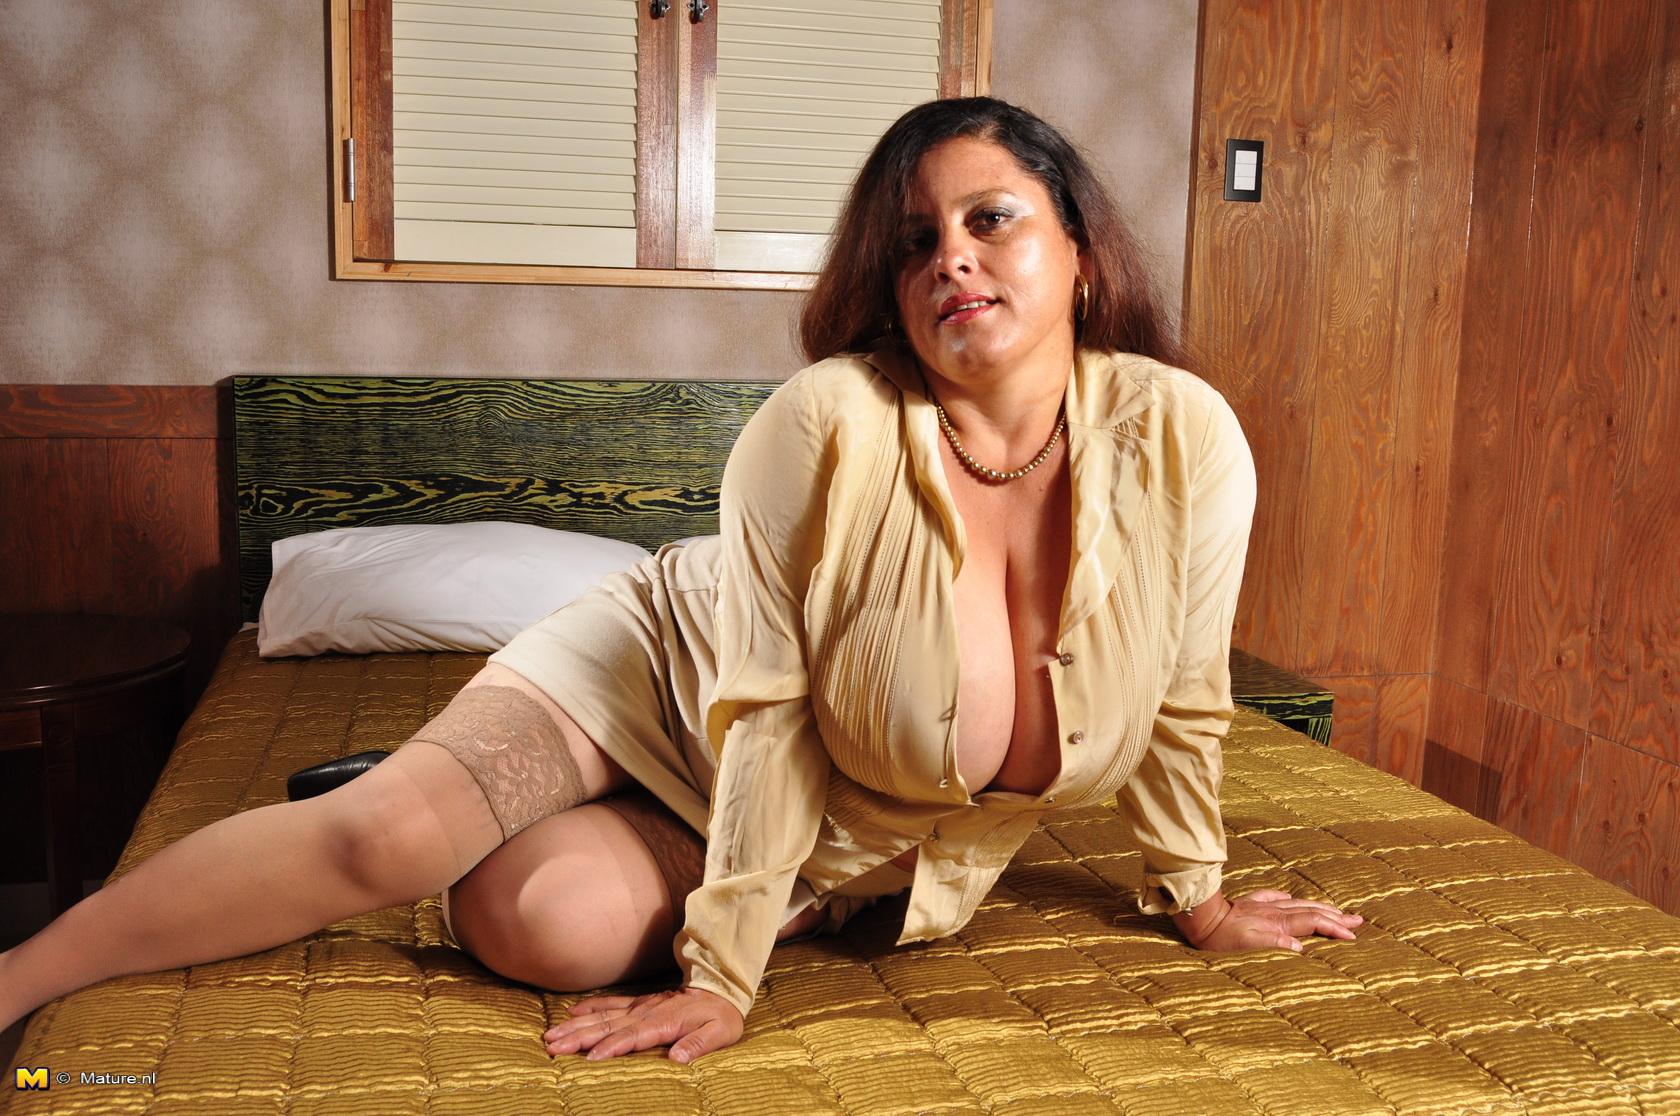 Фото больших зрелых, Порно фото зрелых женщин, Фотографии зрелых дам 16 фотография